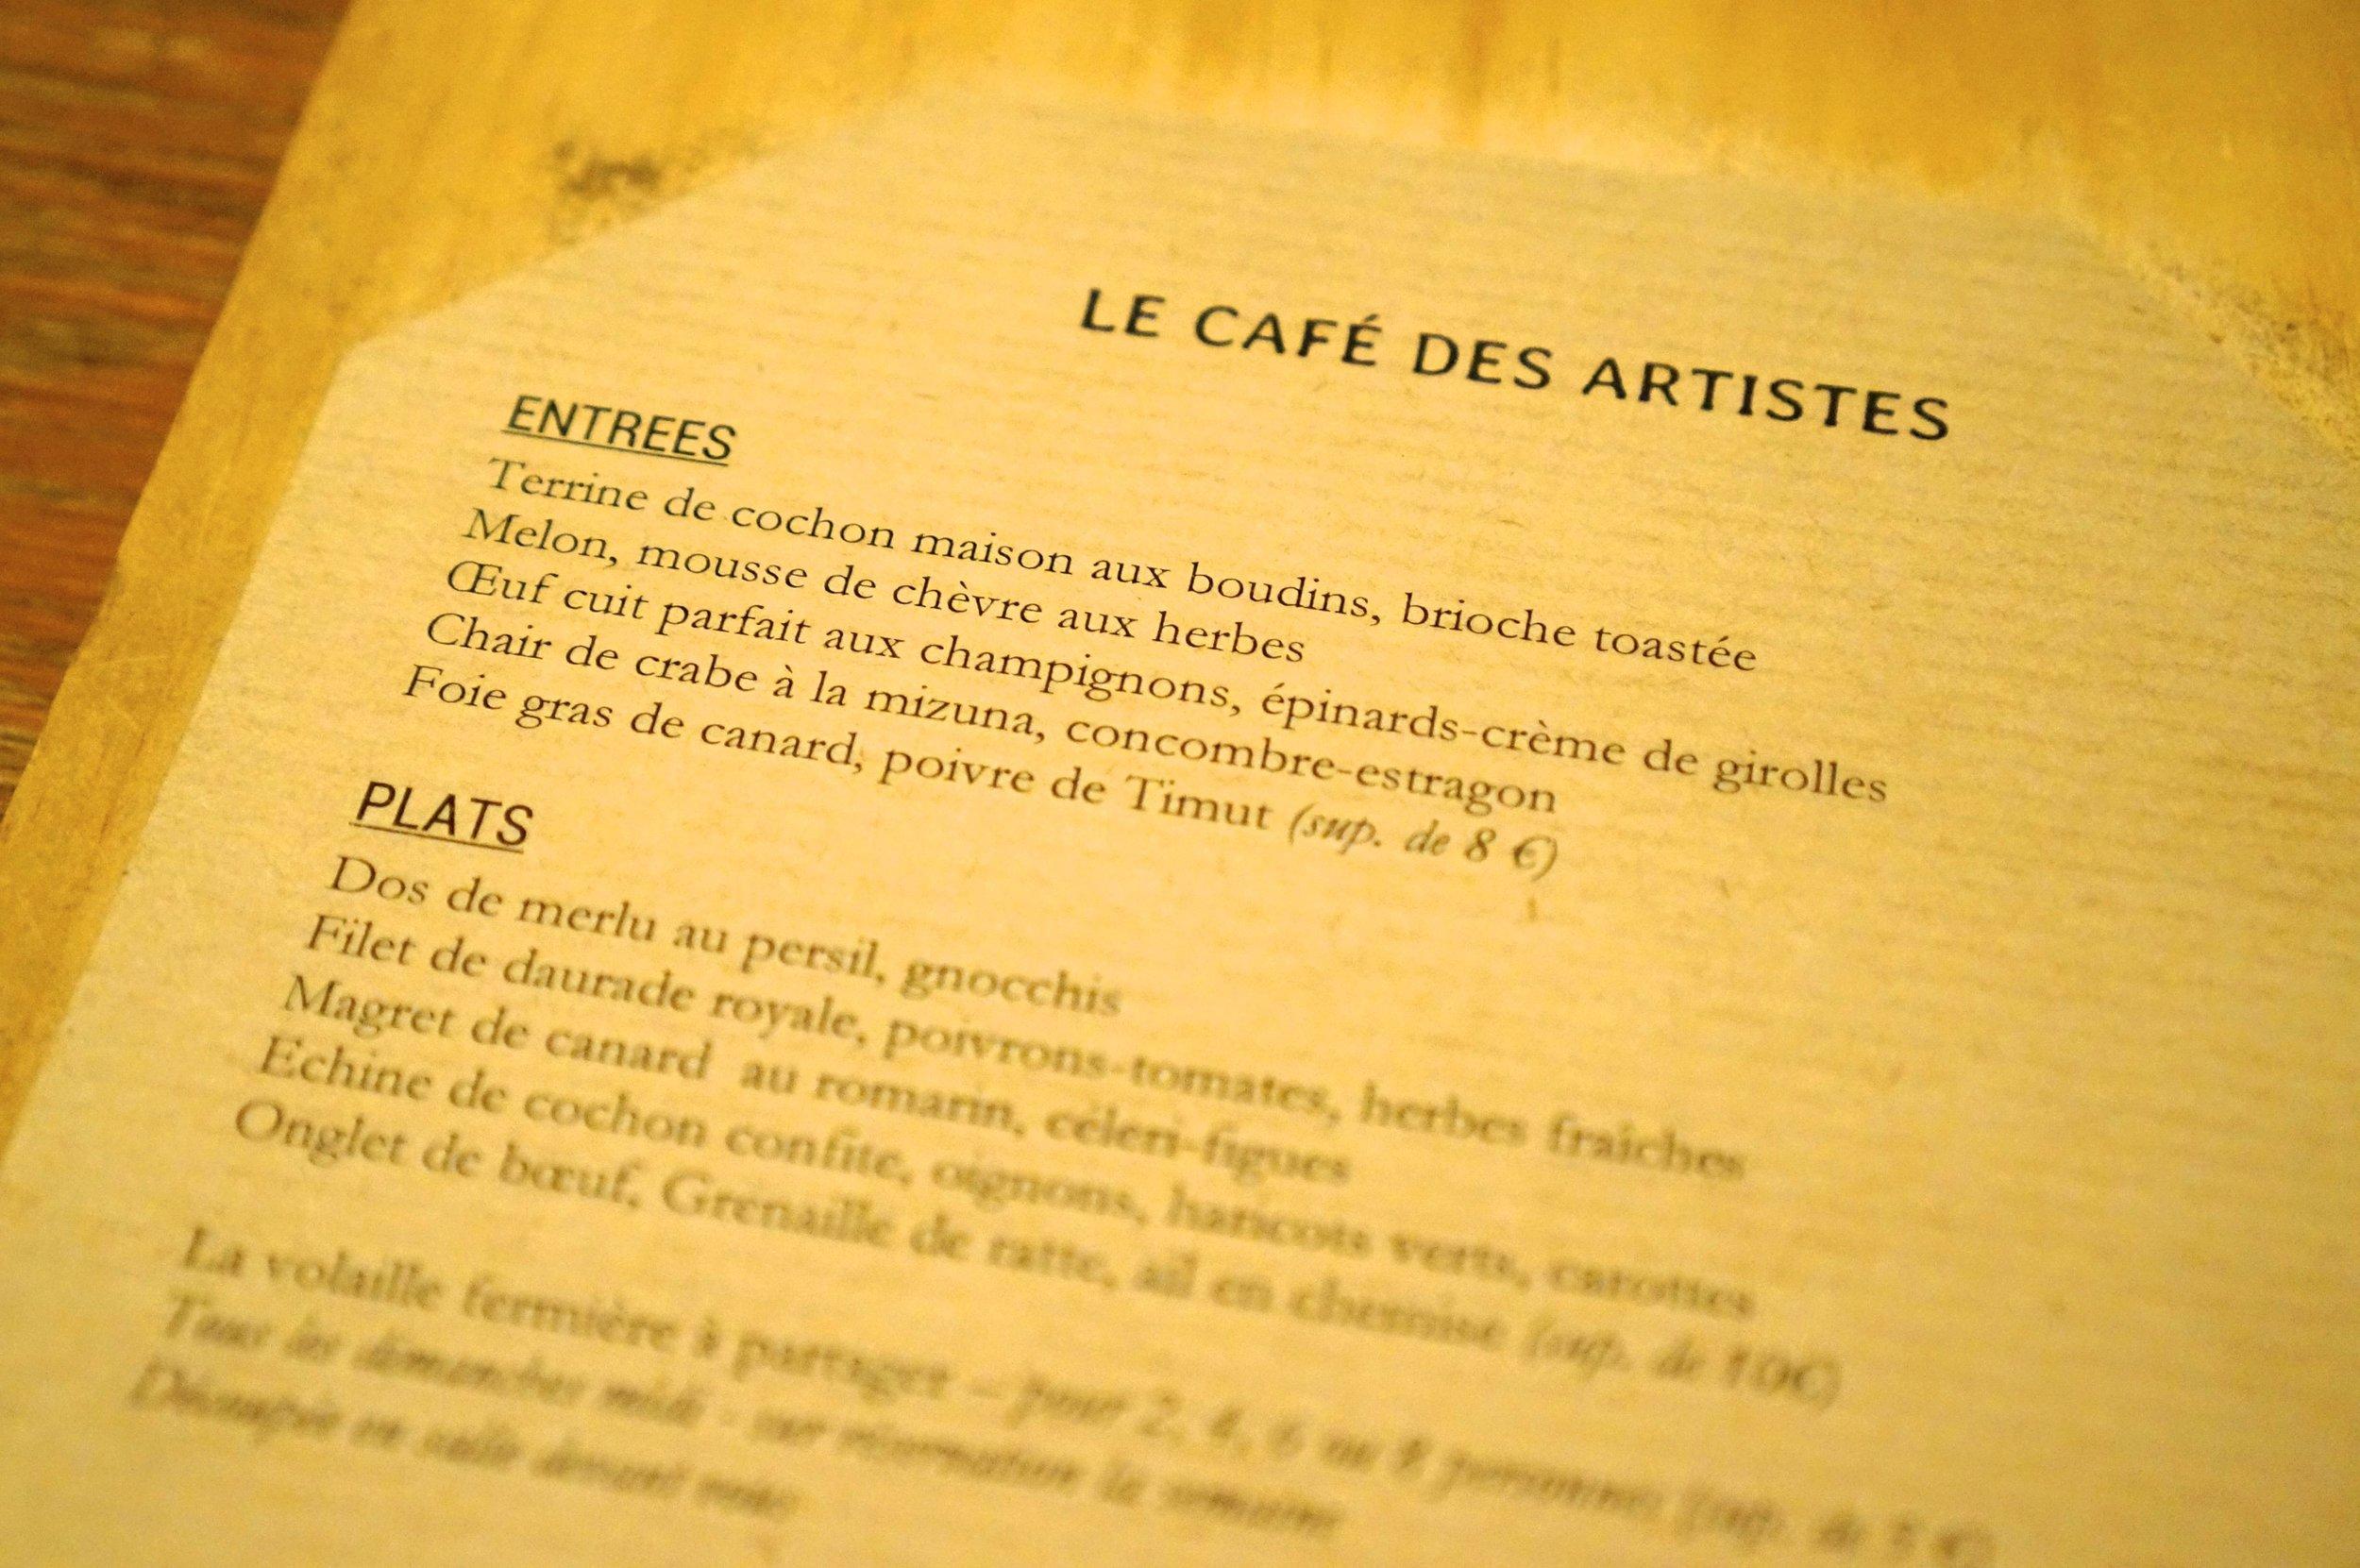 BISTRO LE CAFÉ DES ARTISTES